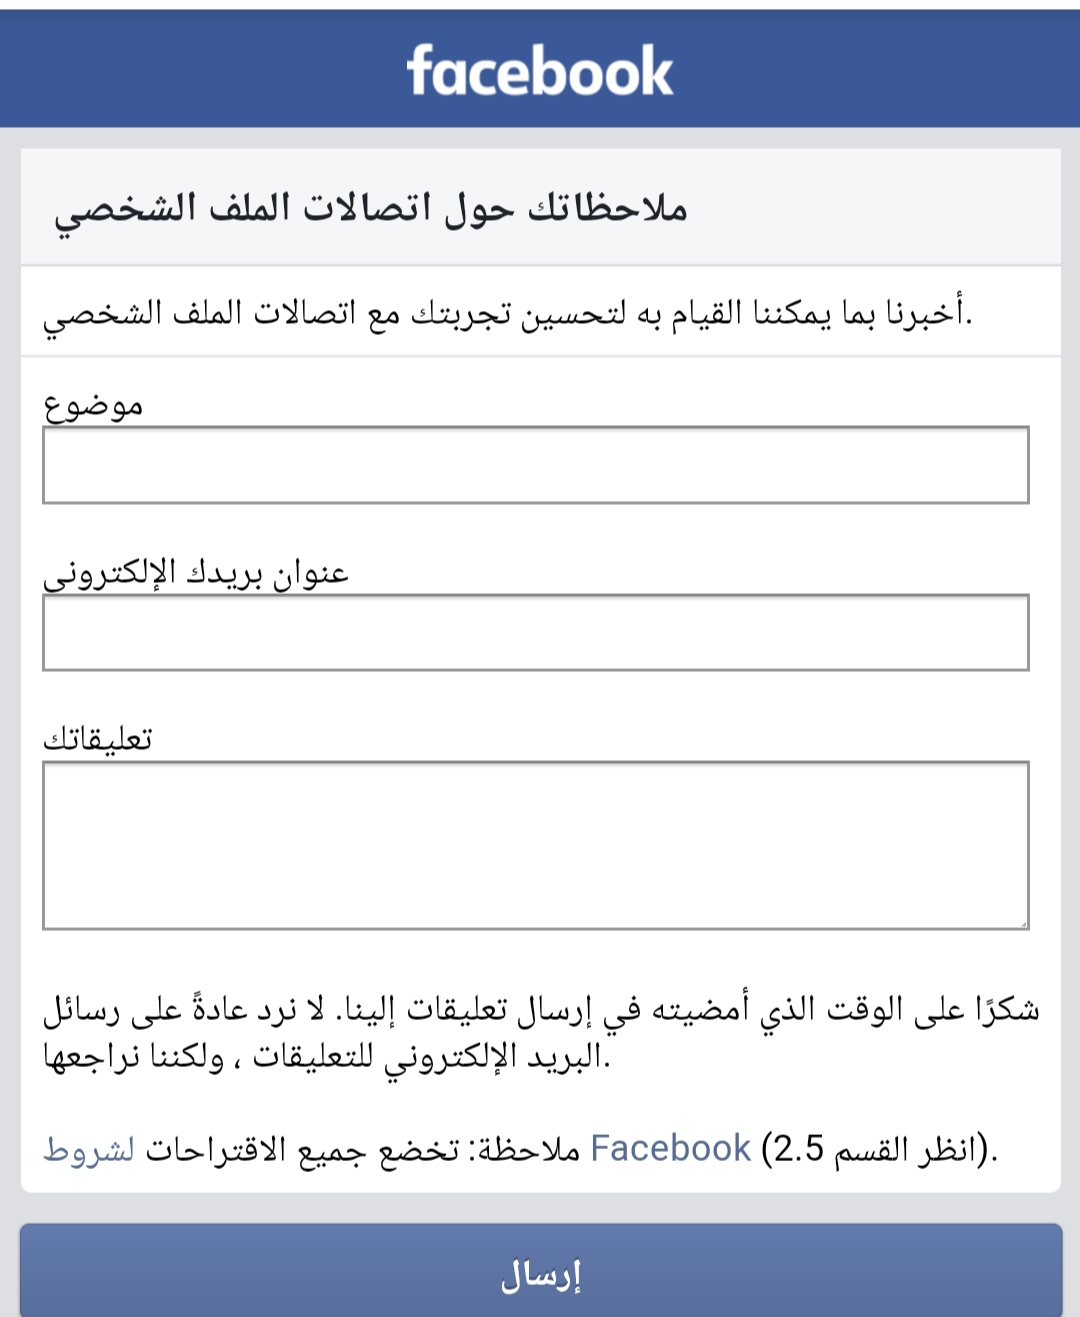 رابط استعادة حساب فيس بوك معطل في الفترة الأخيرة